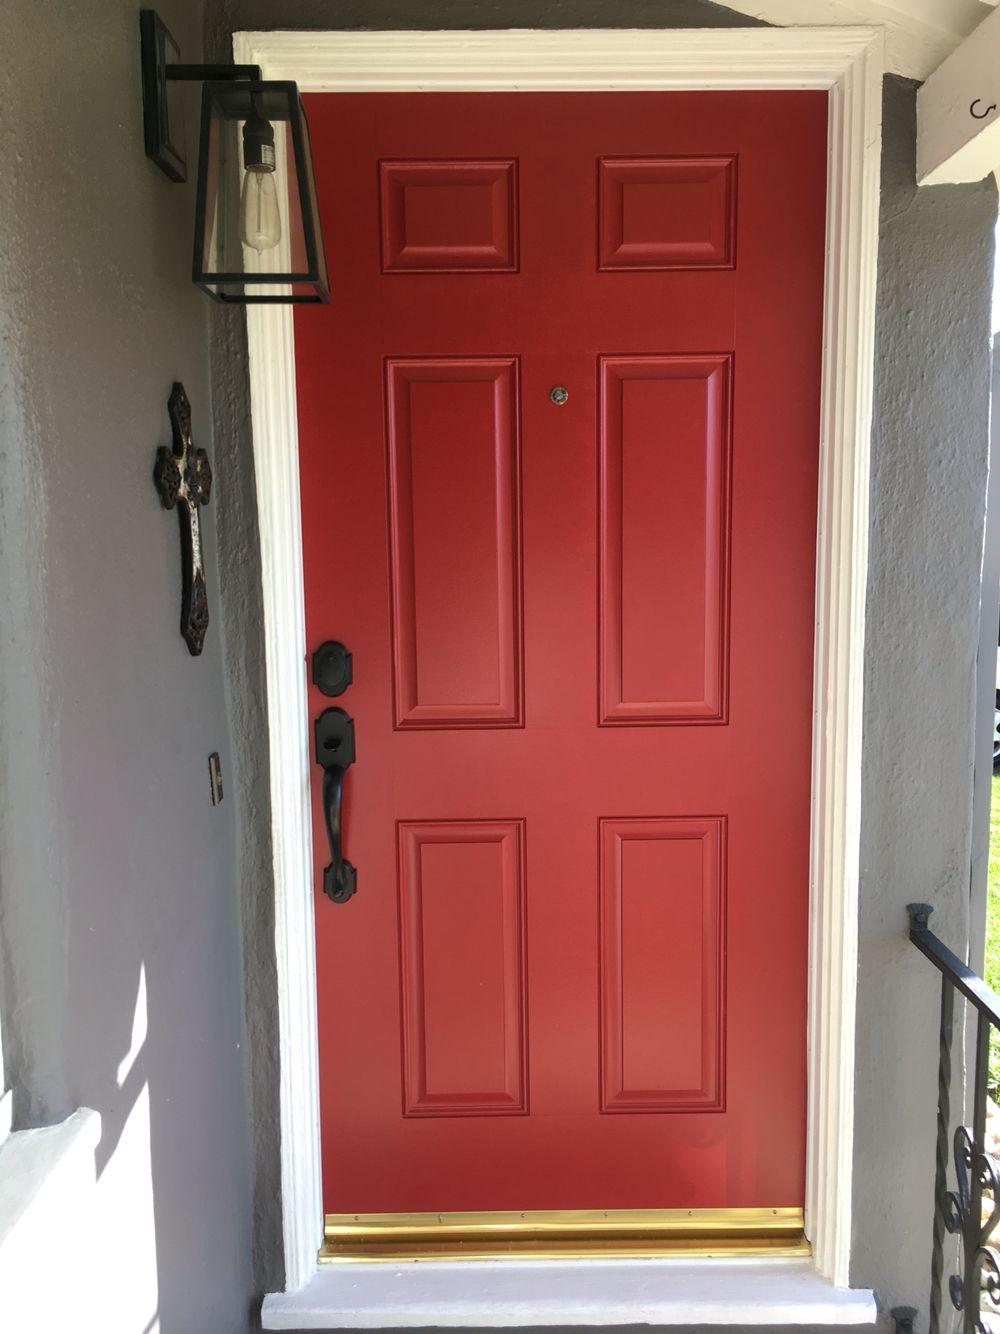 my red door: exterior red door: benjamin moore: caliente af-290